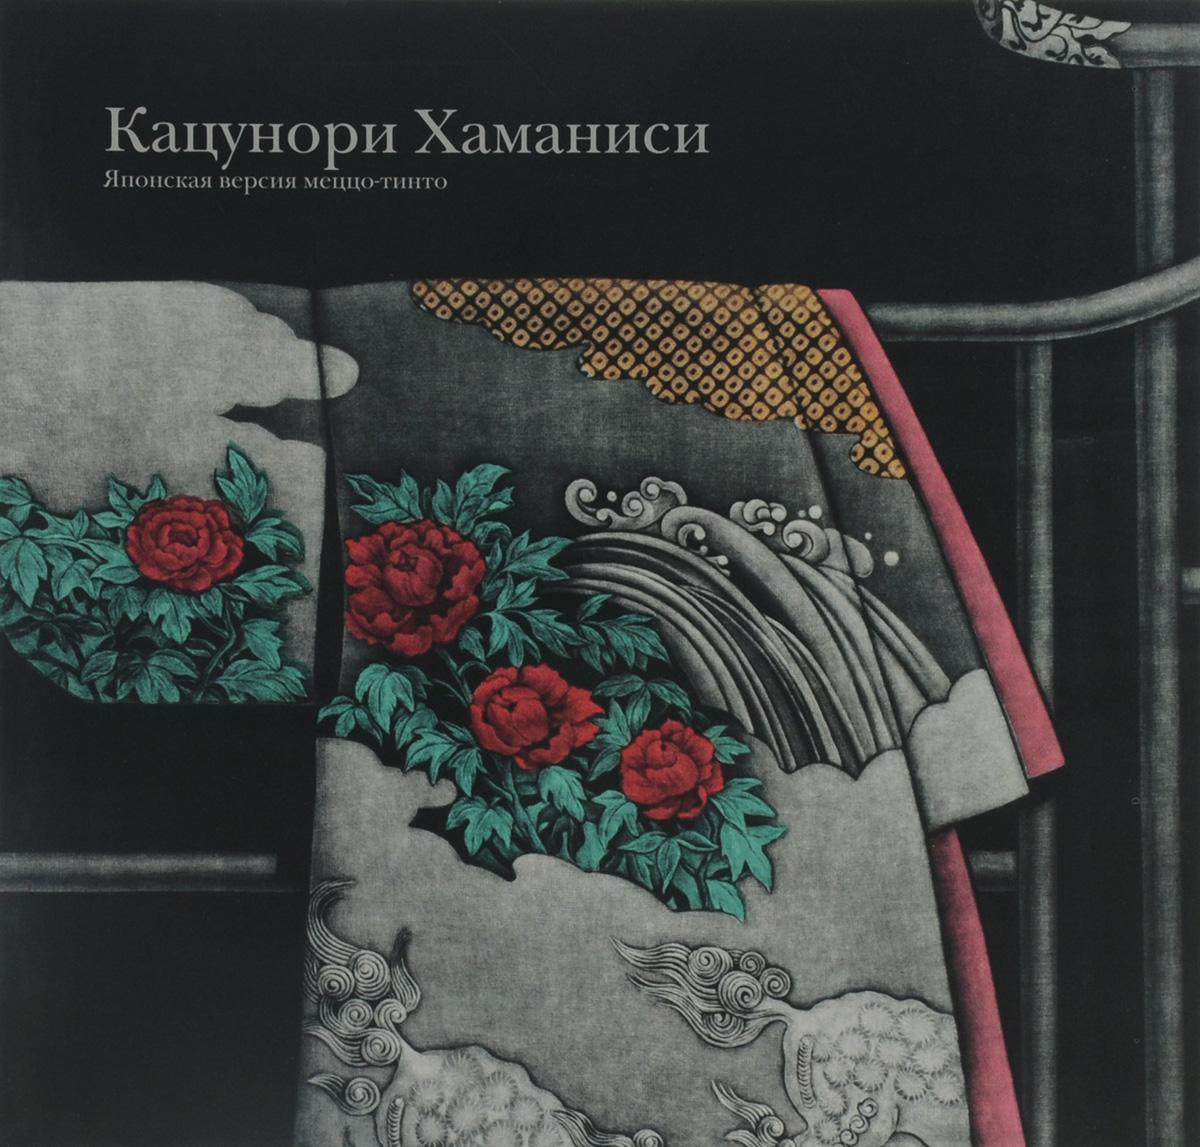 Кацунори Хаманиси. Японская версия меццо-тинто